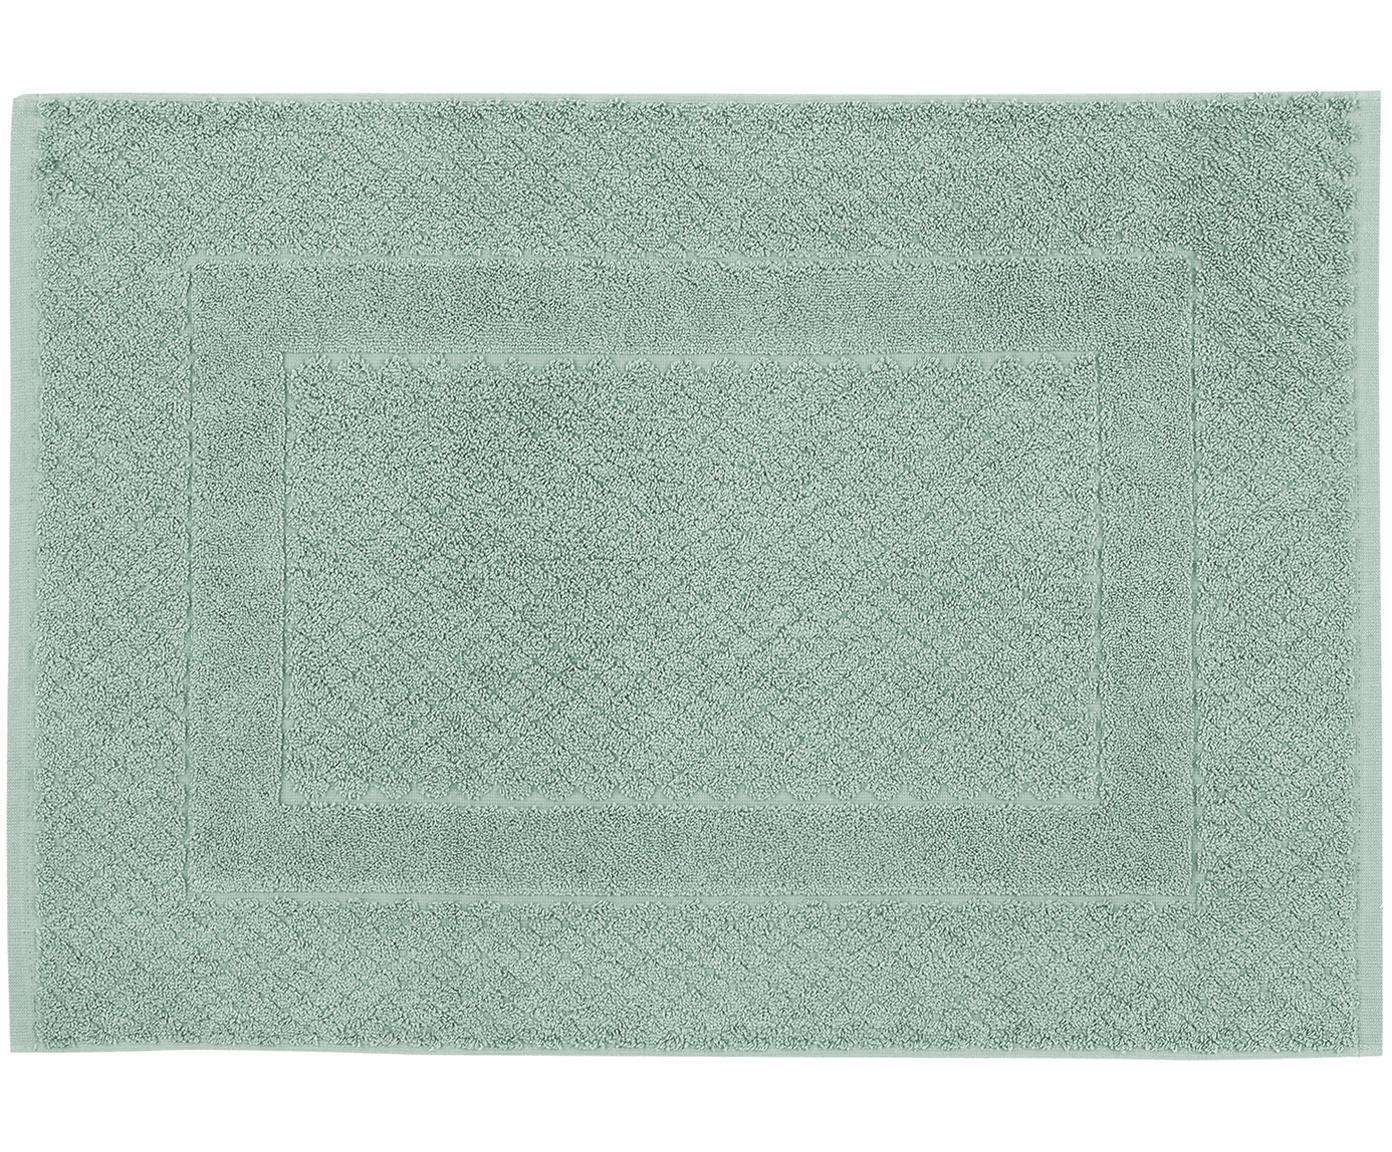 Dywanik łazienkowy Katharina, 100% bawełna, wysoka gramatura, 900g/m², Miętowy, S 50 x D 70 cm